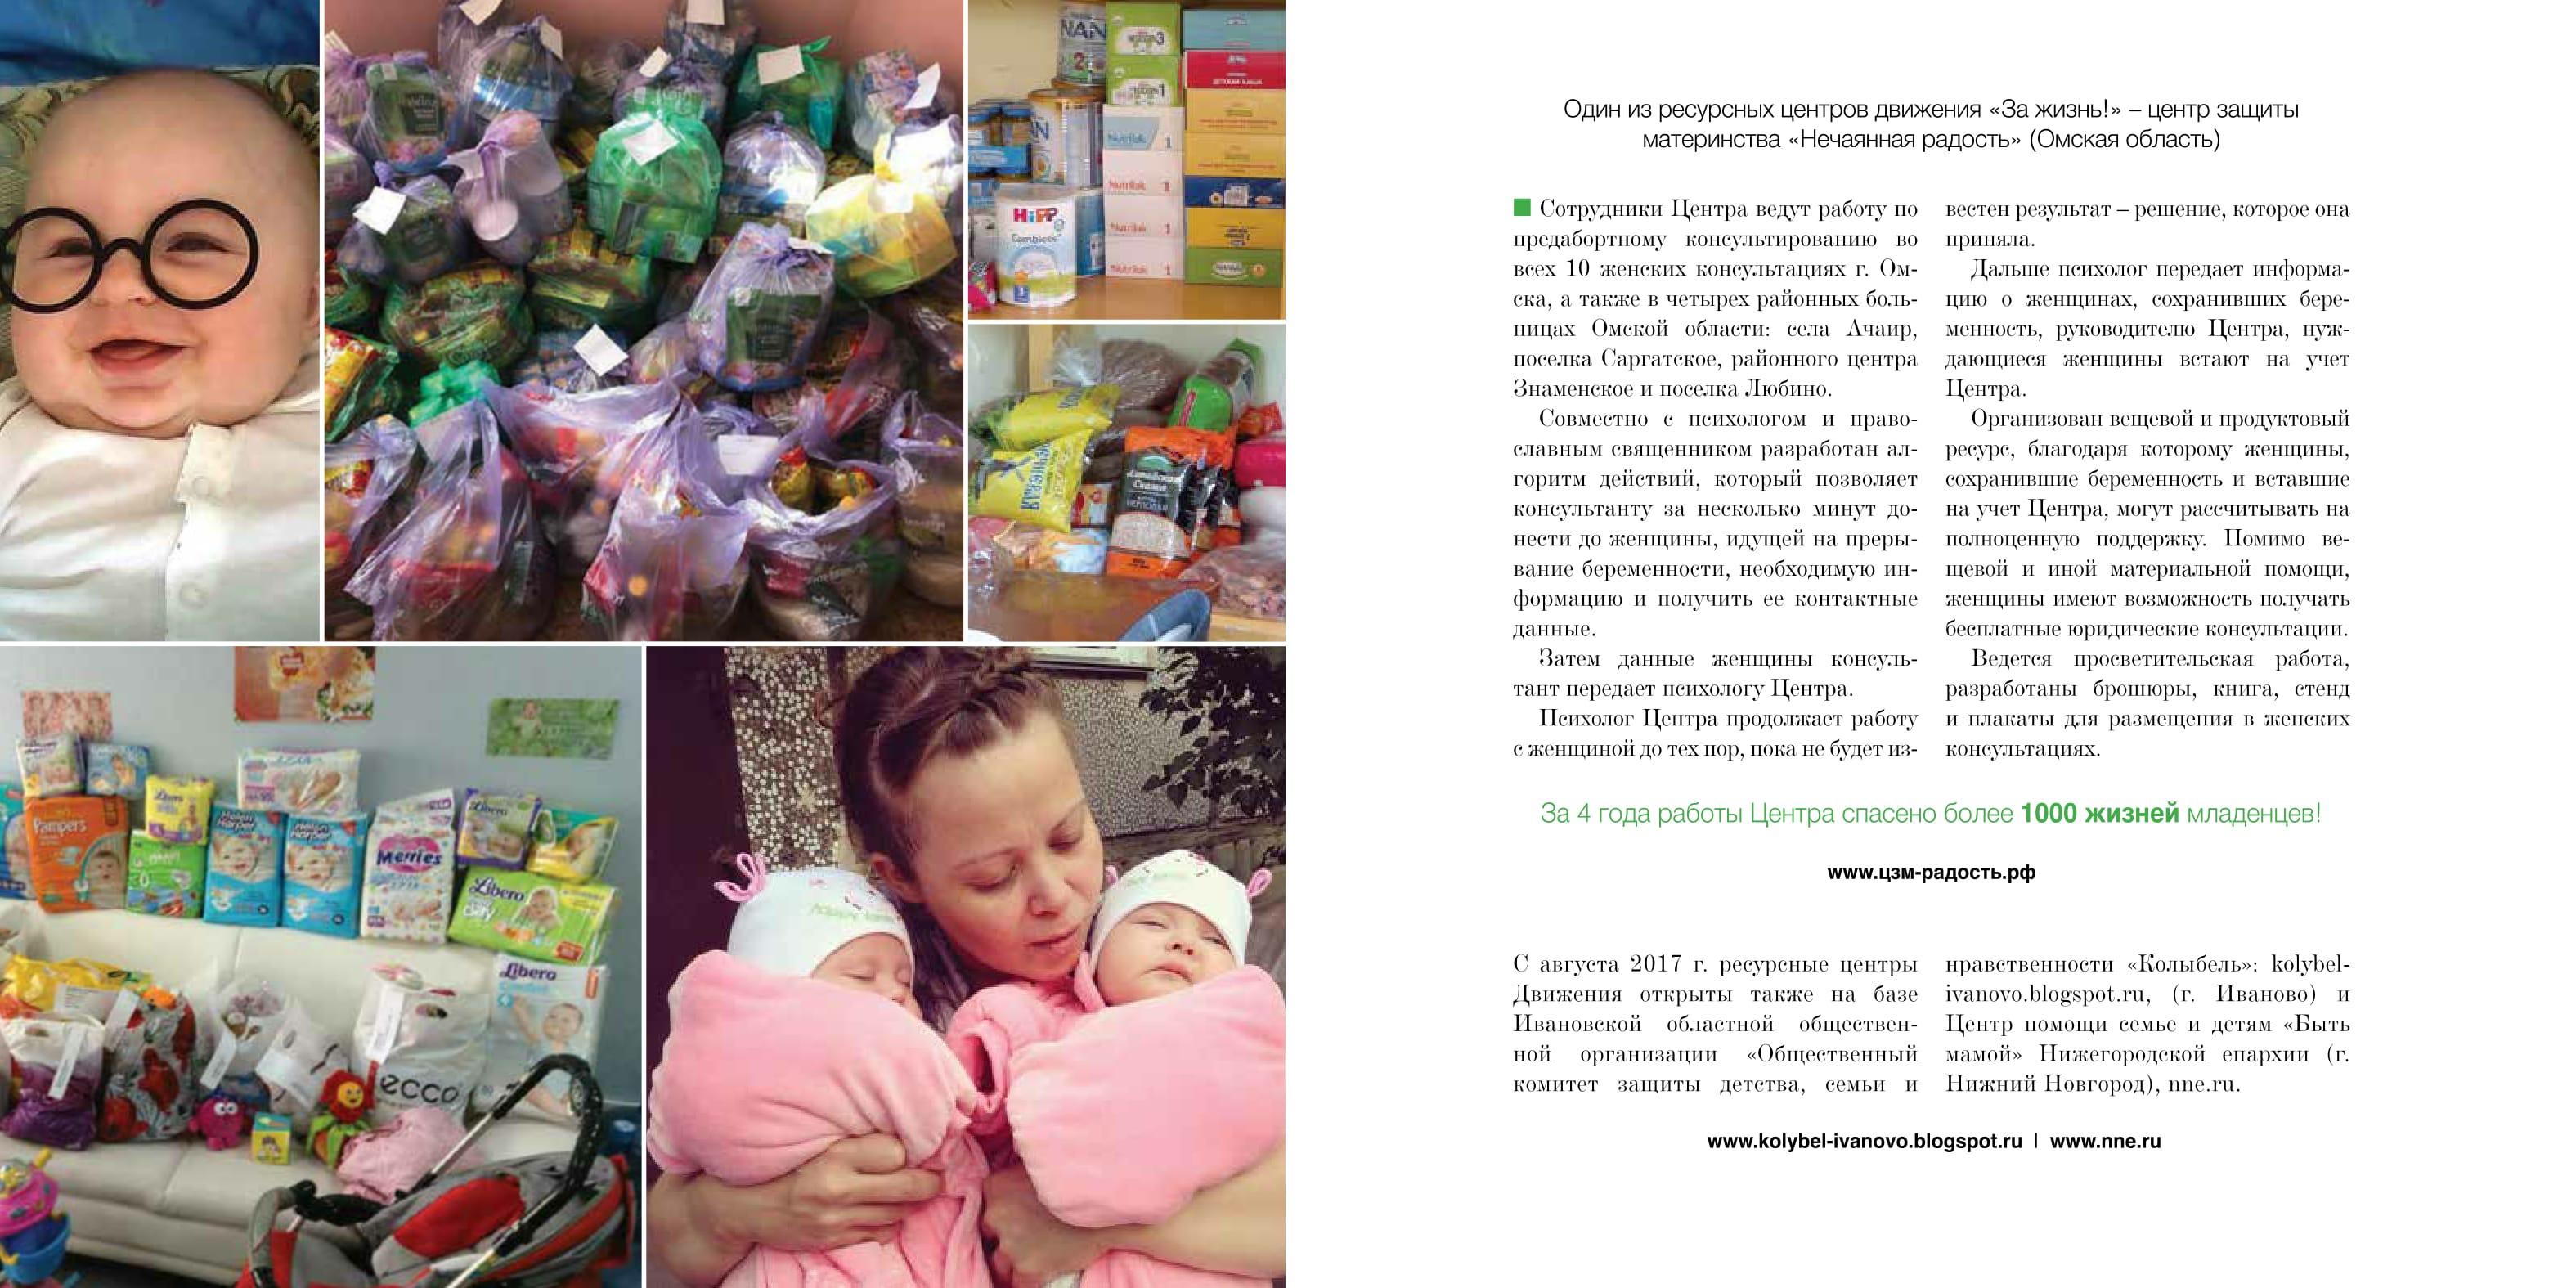 Один из ресурсных центров движения «За жизнь!» – центр защиты материнства «Нечаянная радость» (Омская область)